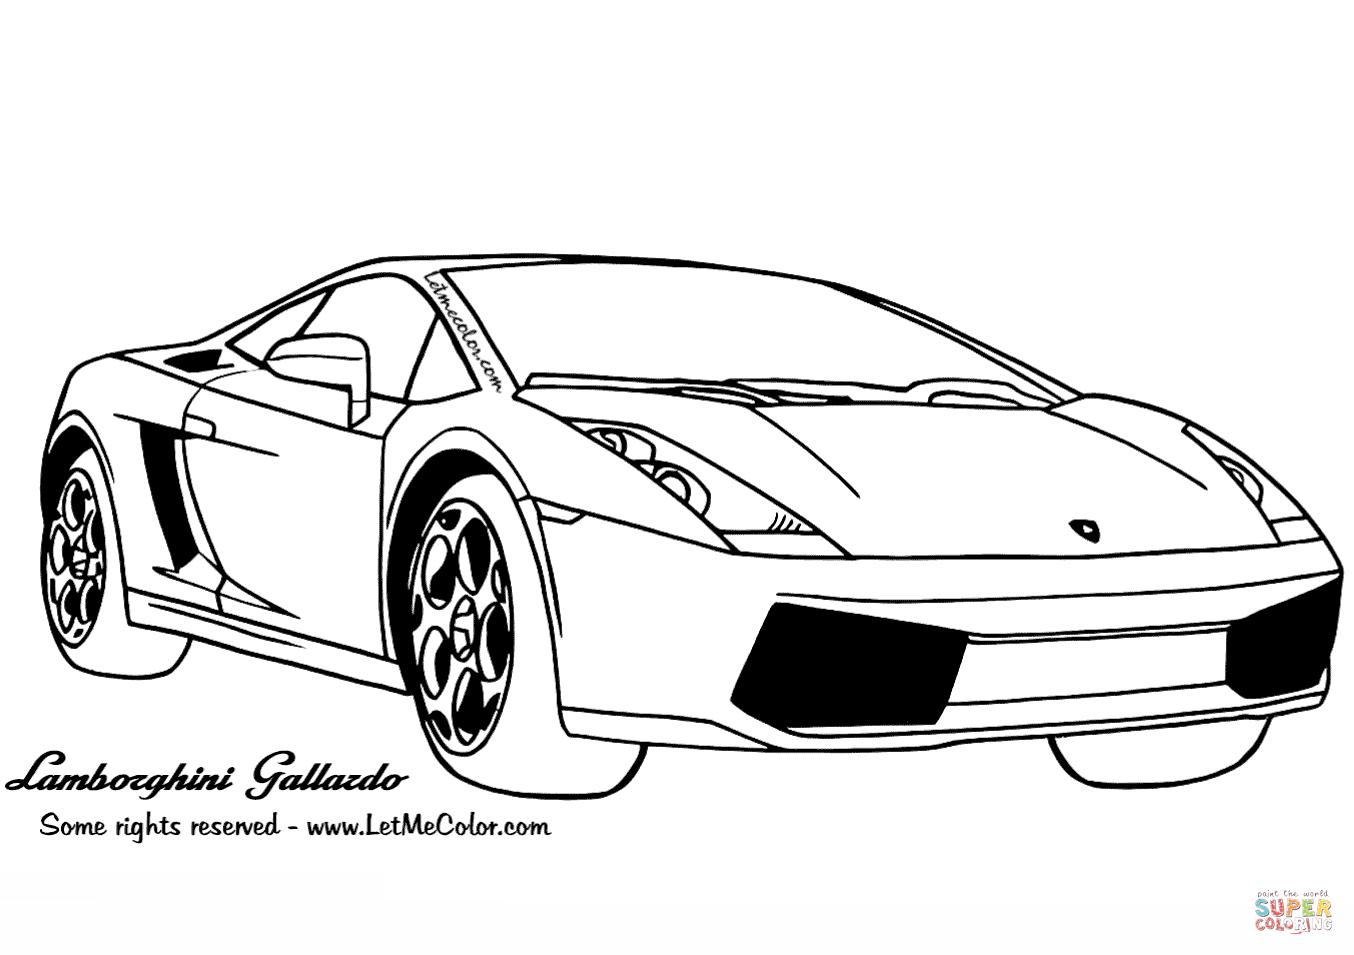 Clicker Sur La Lamborghini Gallardo Coloriages Pour Visualiser La Version Imprimable Ou Colorier En Ligne Compatible Avec Les Tablettes Ipad Et Android